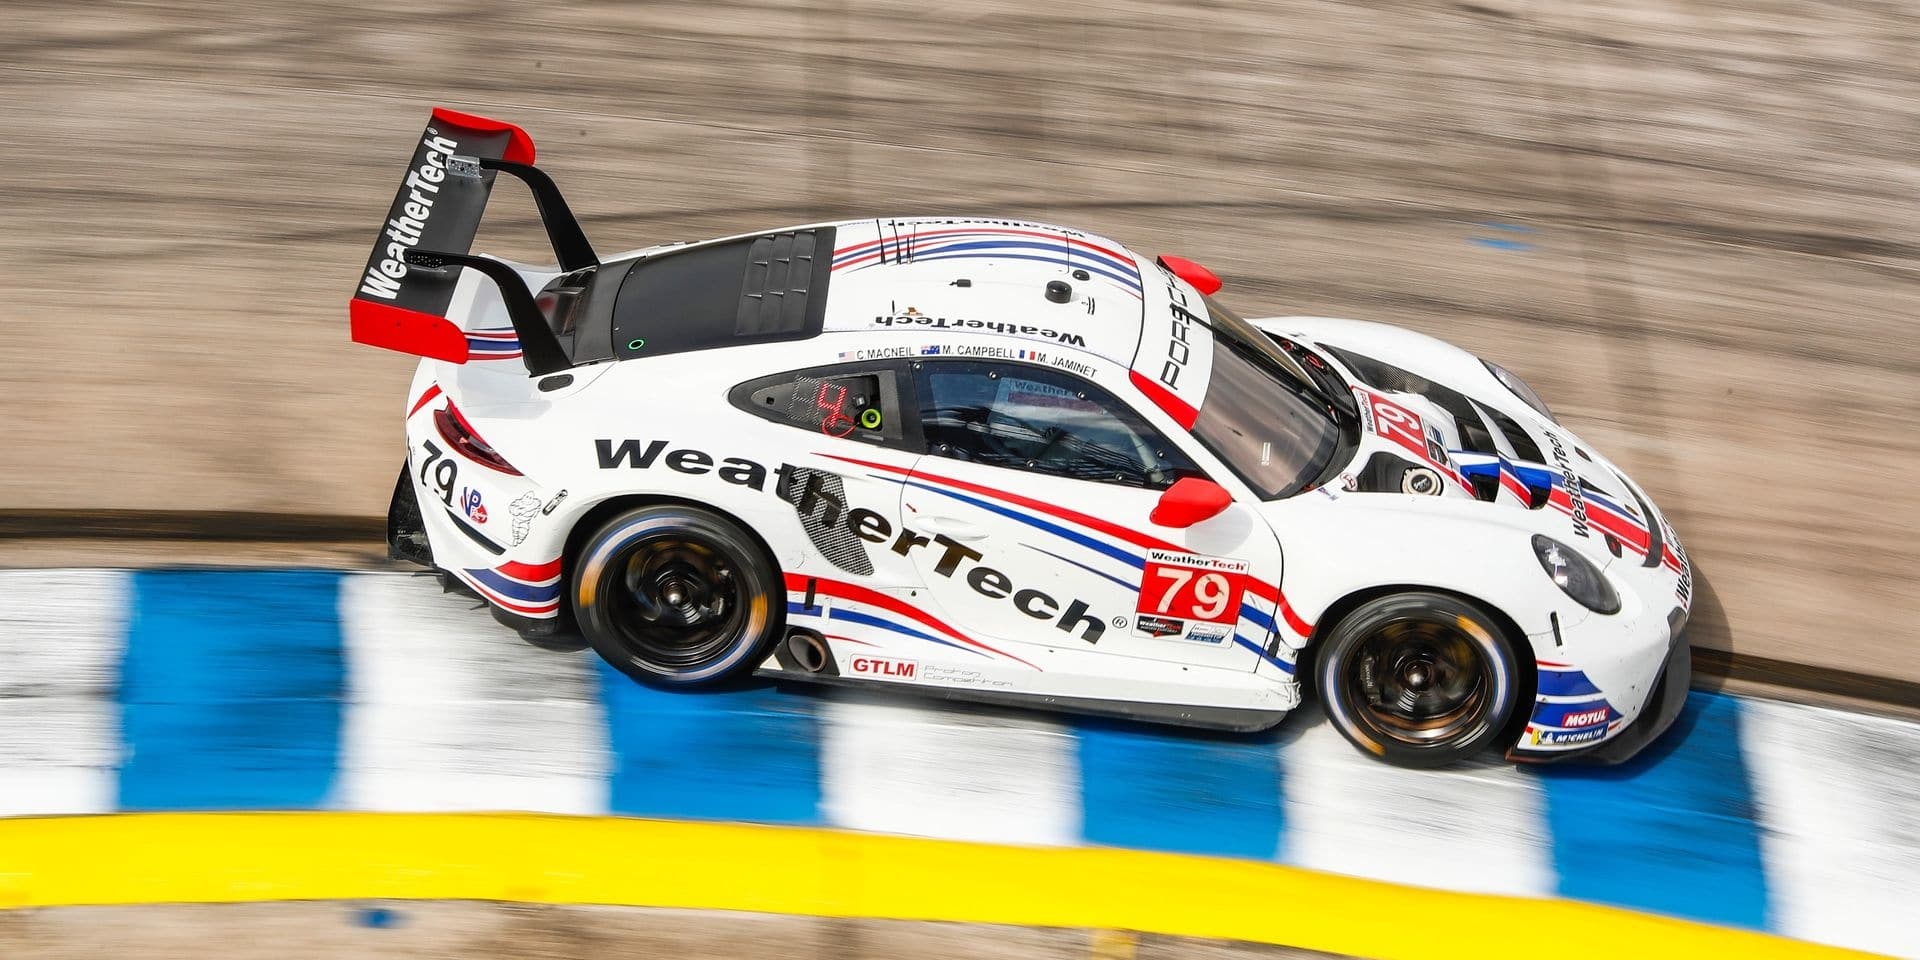 Laurens Vanthoor chez WeatherTech Racing aux 24H du Mans: c'est confirmé !